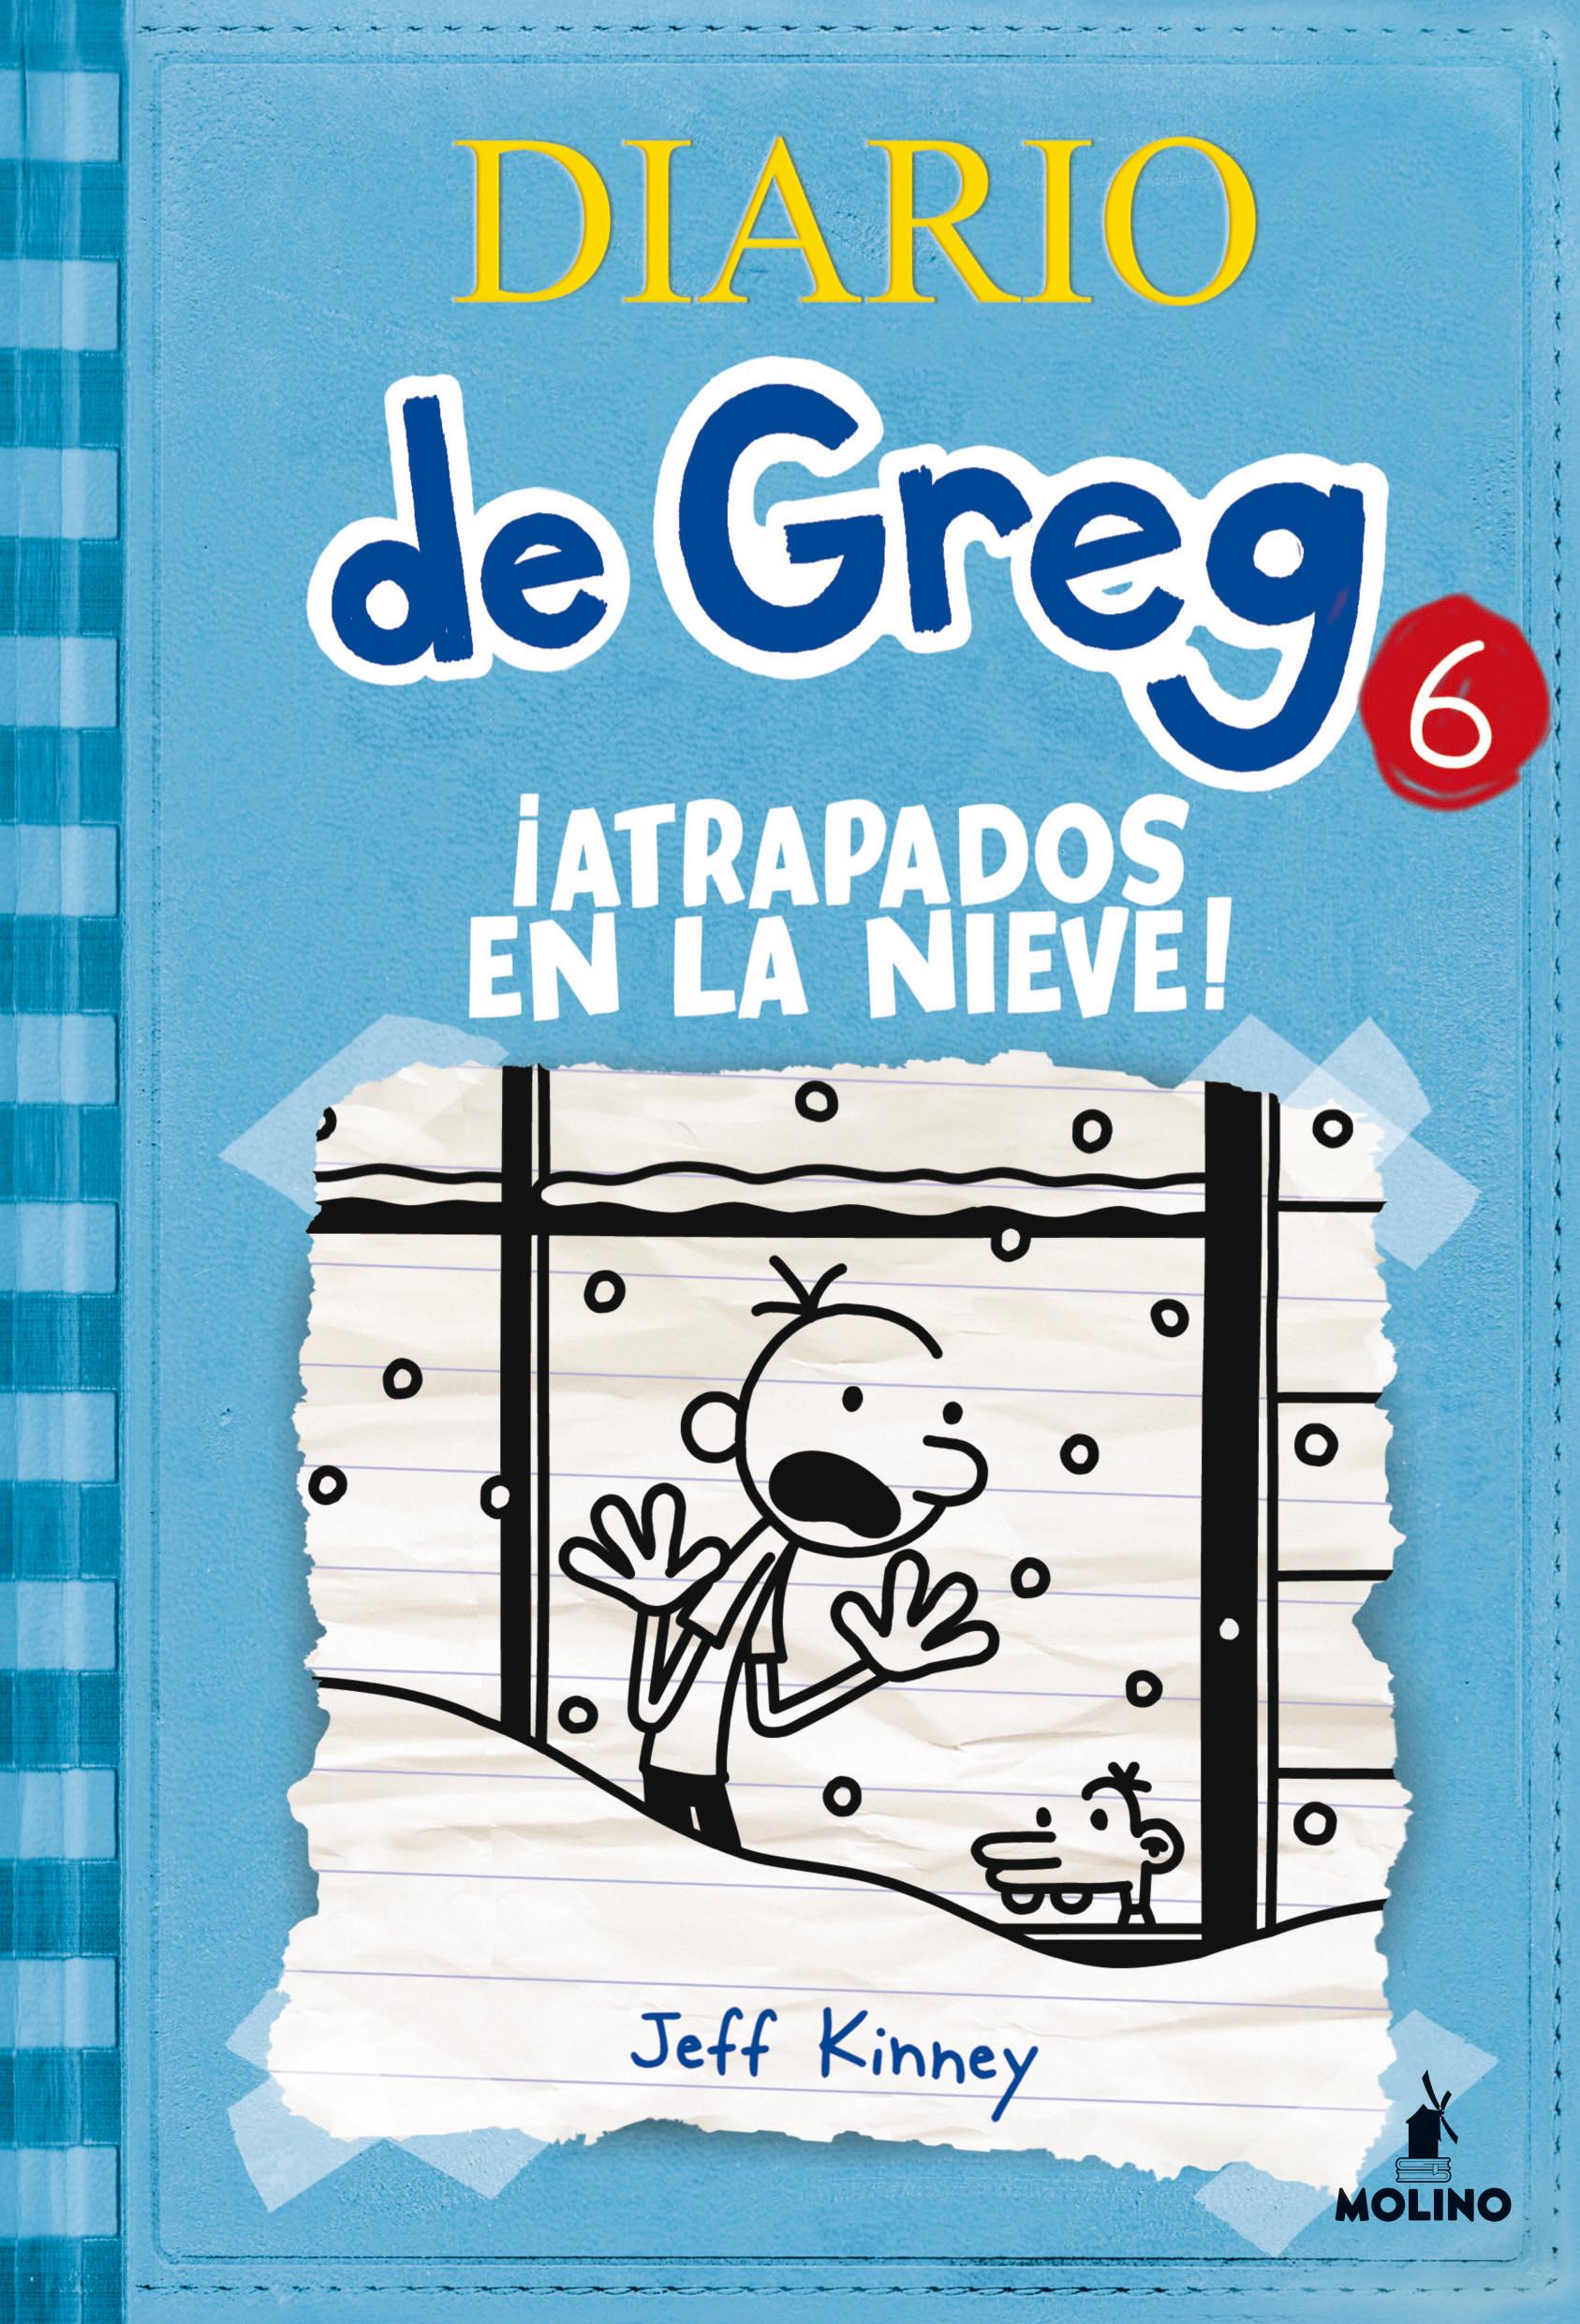 Diario de Greg 6. ¡Atrapados en la nieve!